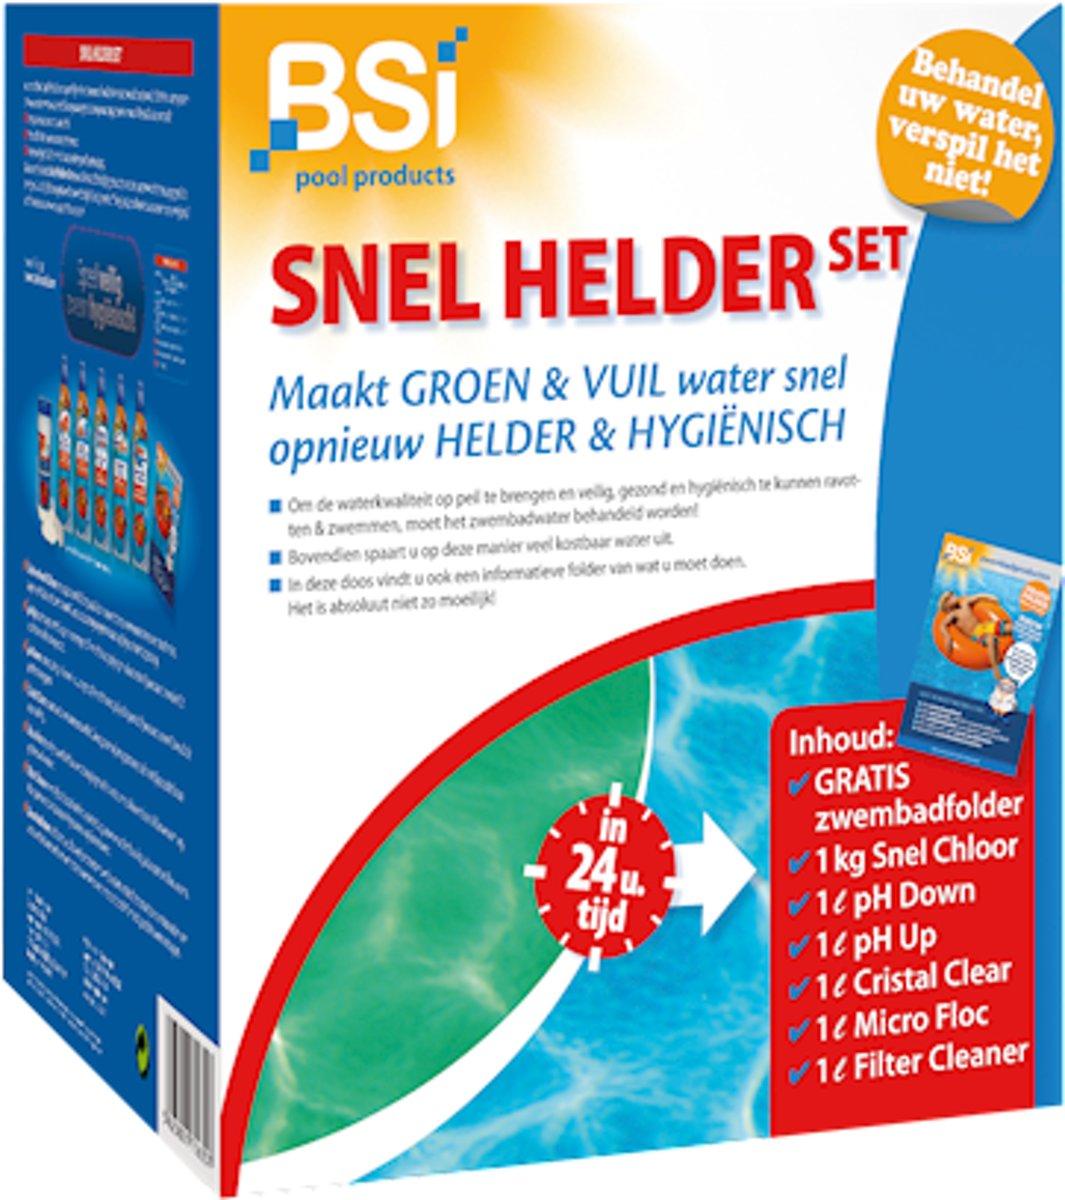 Snel helder set - de kit tegen vuil en groen water in het zwembad